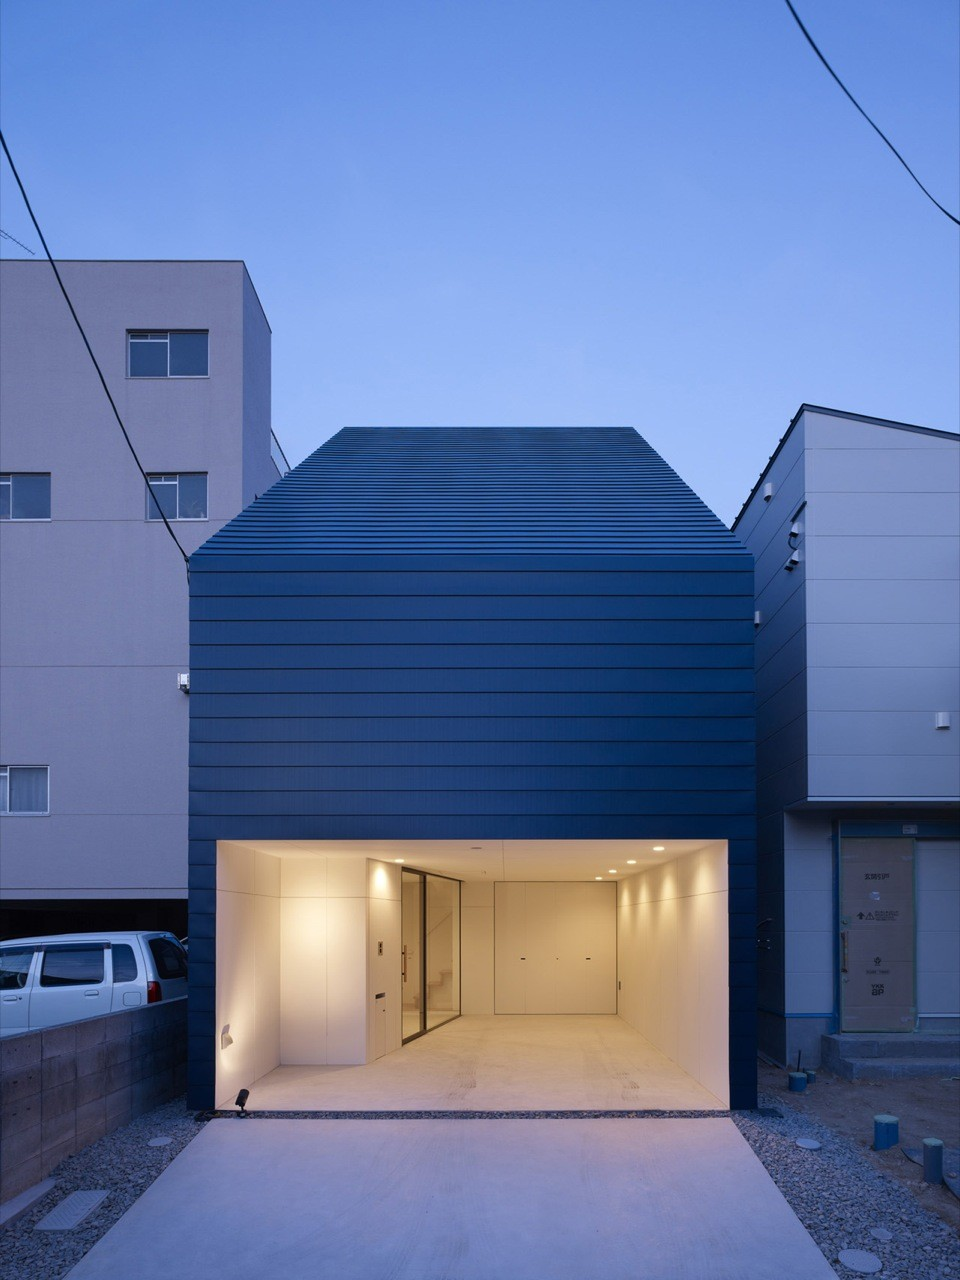 House of Ujina / MAKER, © Noriyuki Yano